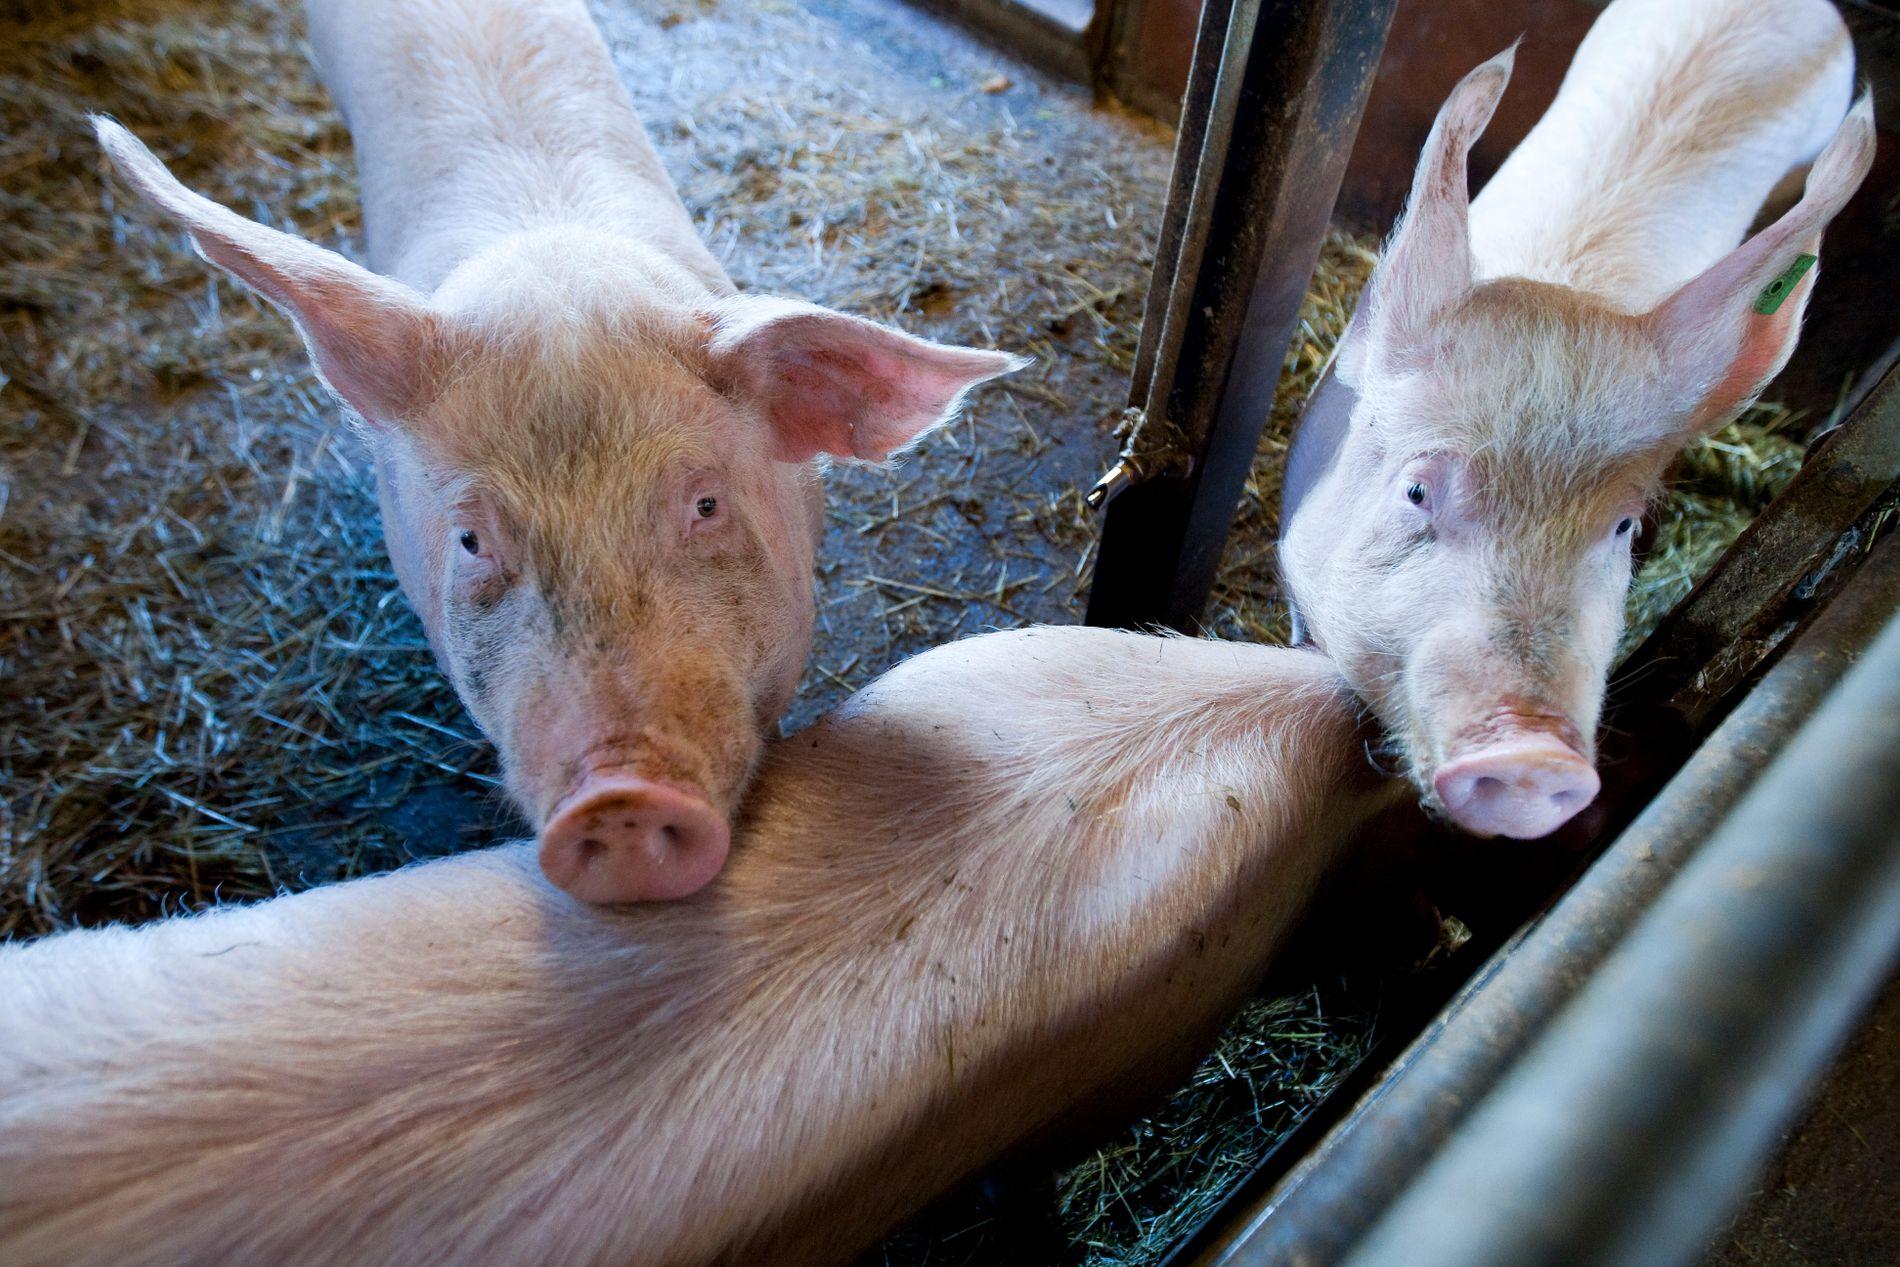 Det produseres for mye grisekjøtt i Norge. Ikke siden årtusenskiftet har lageret av svinekjøtt vært større hos markedsregulatoren Nortura.